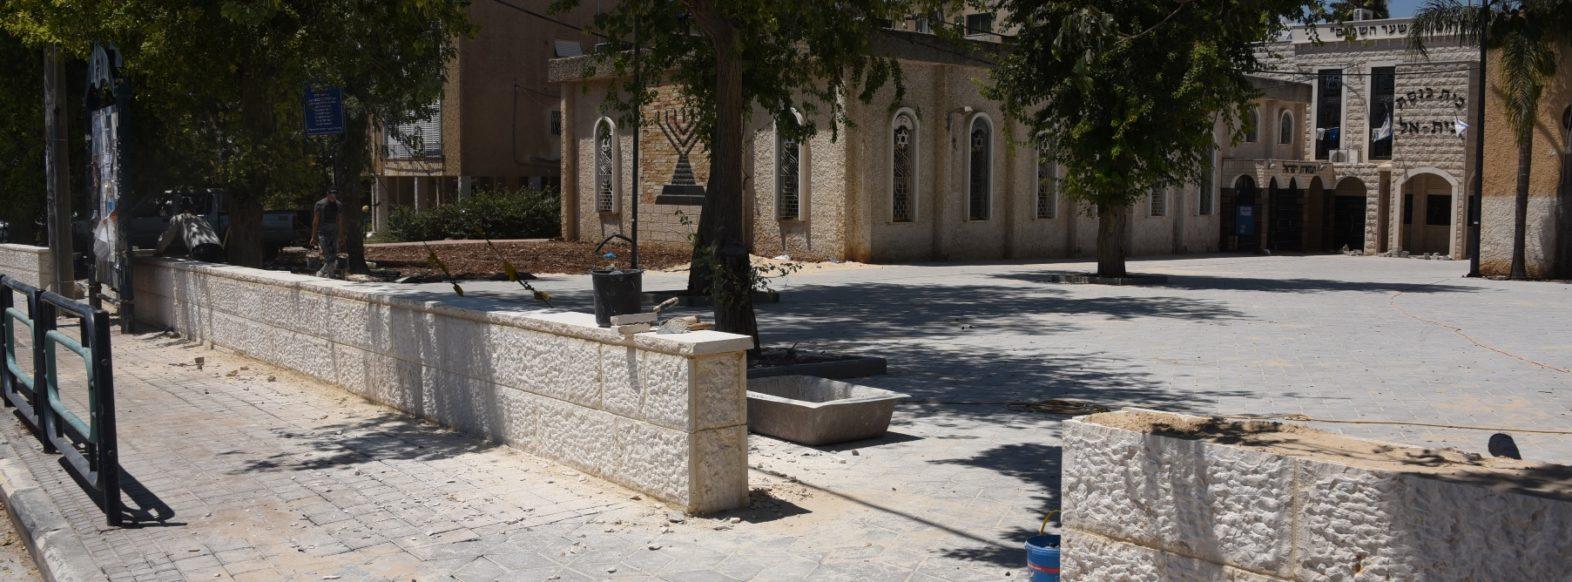 עבודות תשתית ברחבת בתי הכנסת ברחוב הוגו מולר